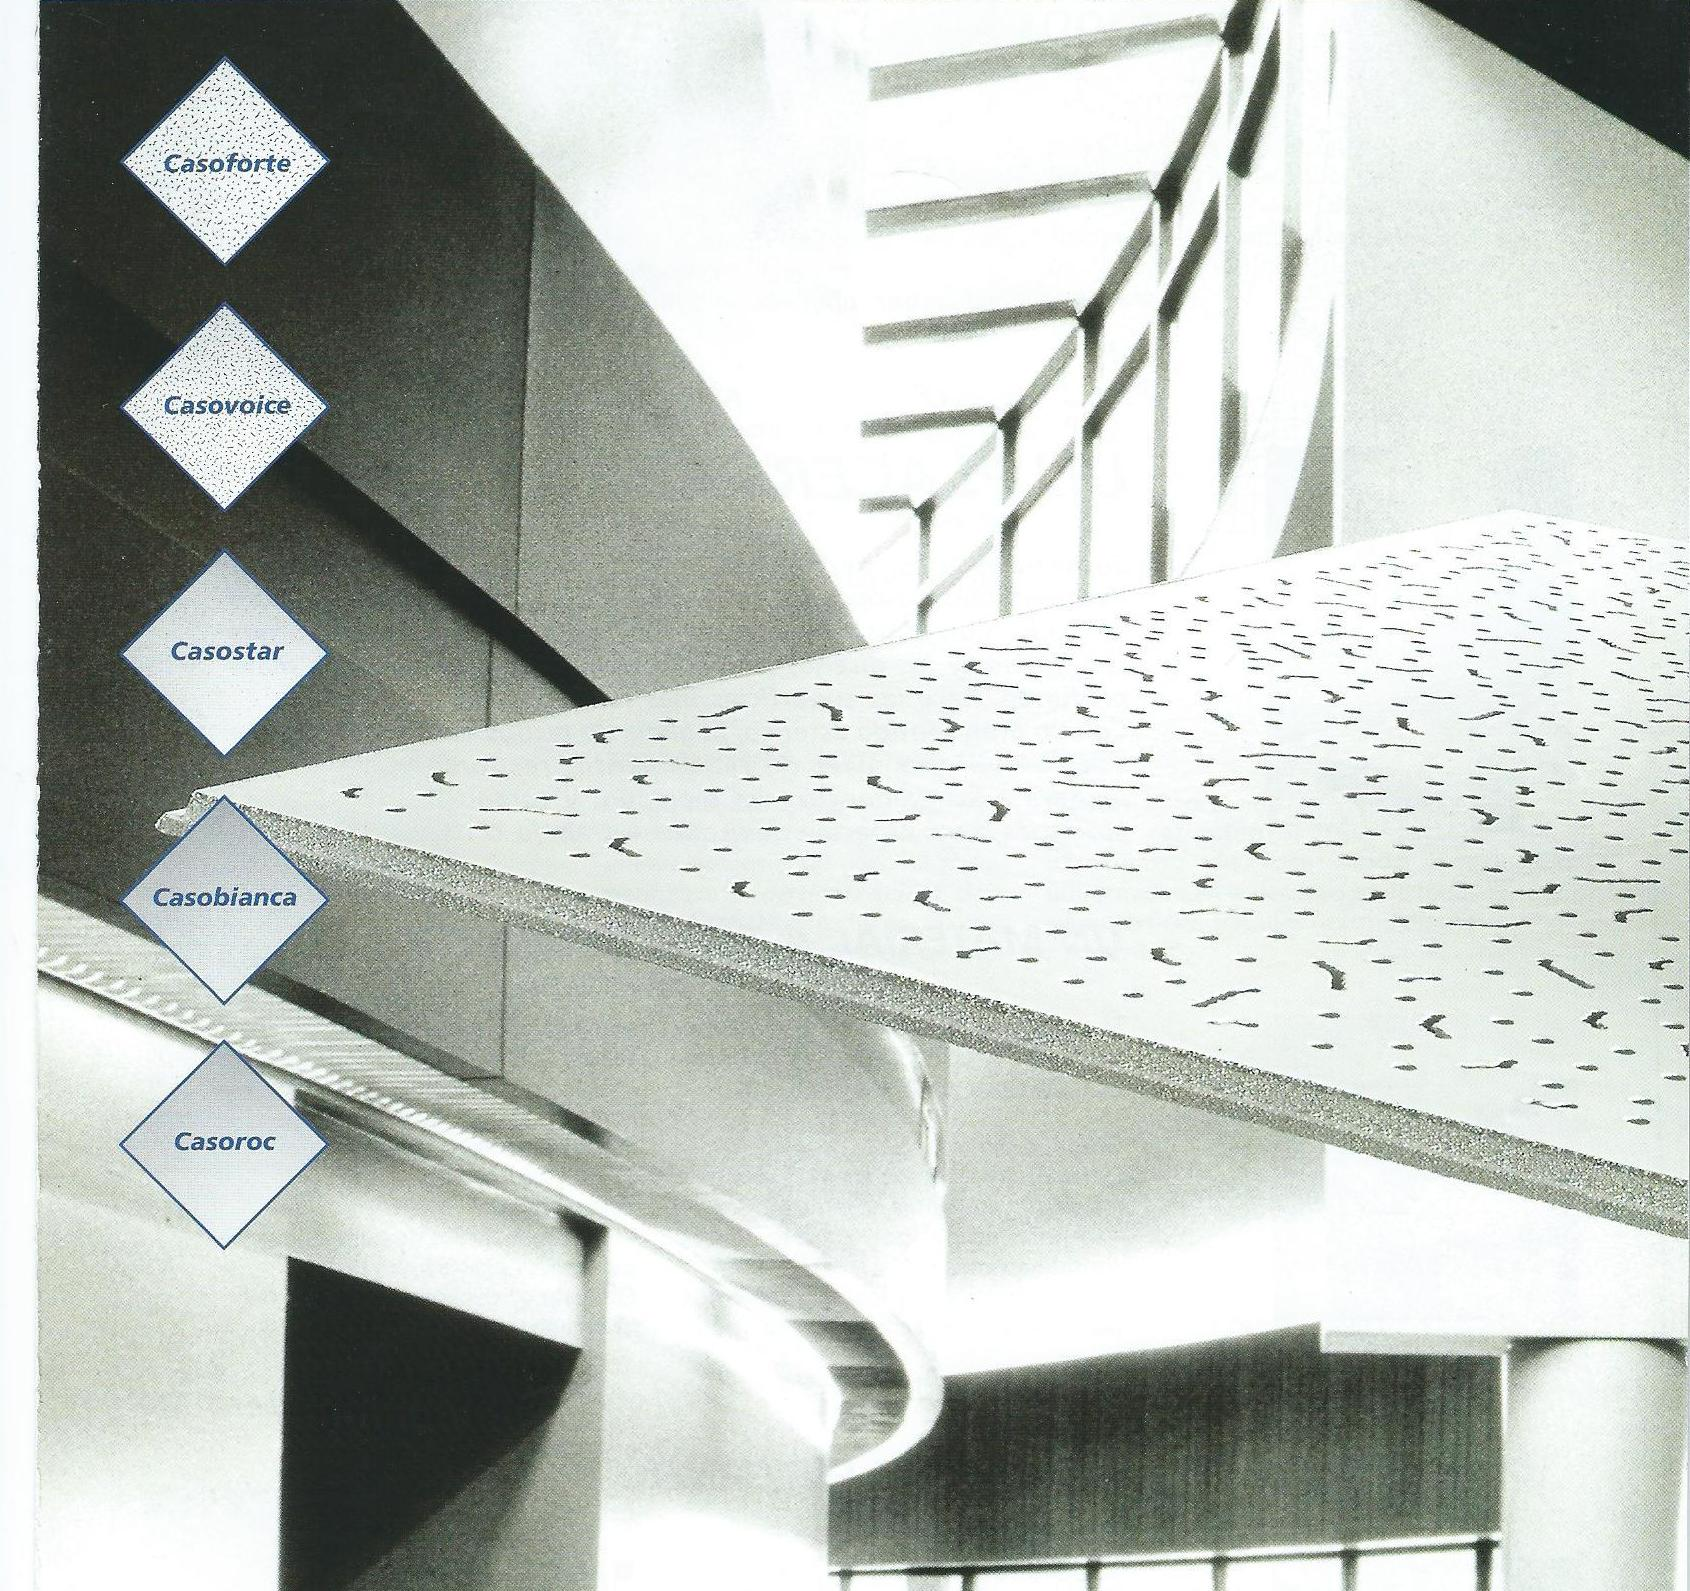 Casoprano, gama de techos decorativos